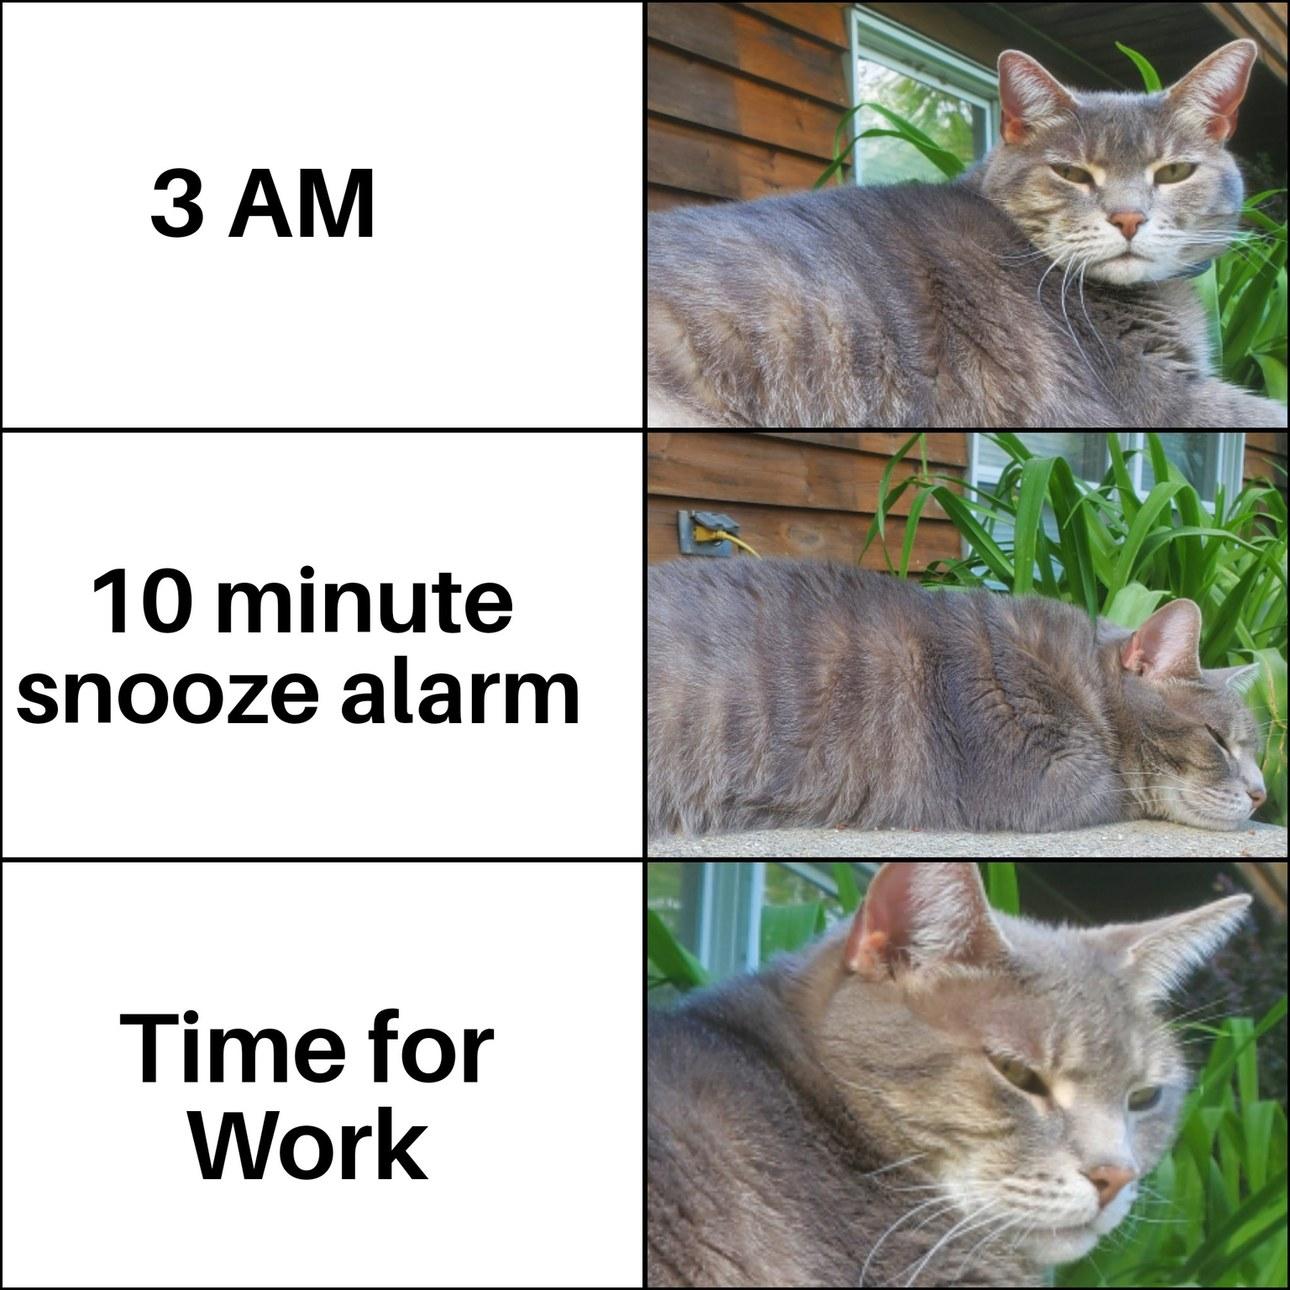 It never fails - meme